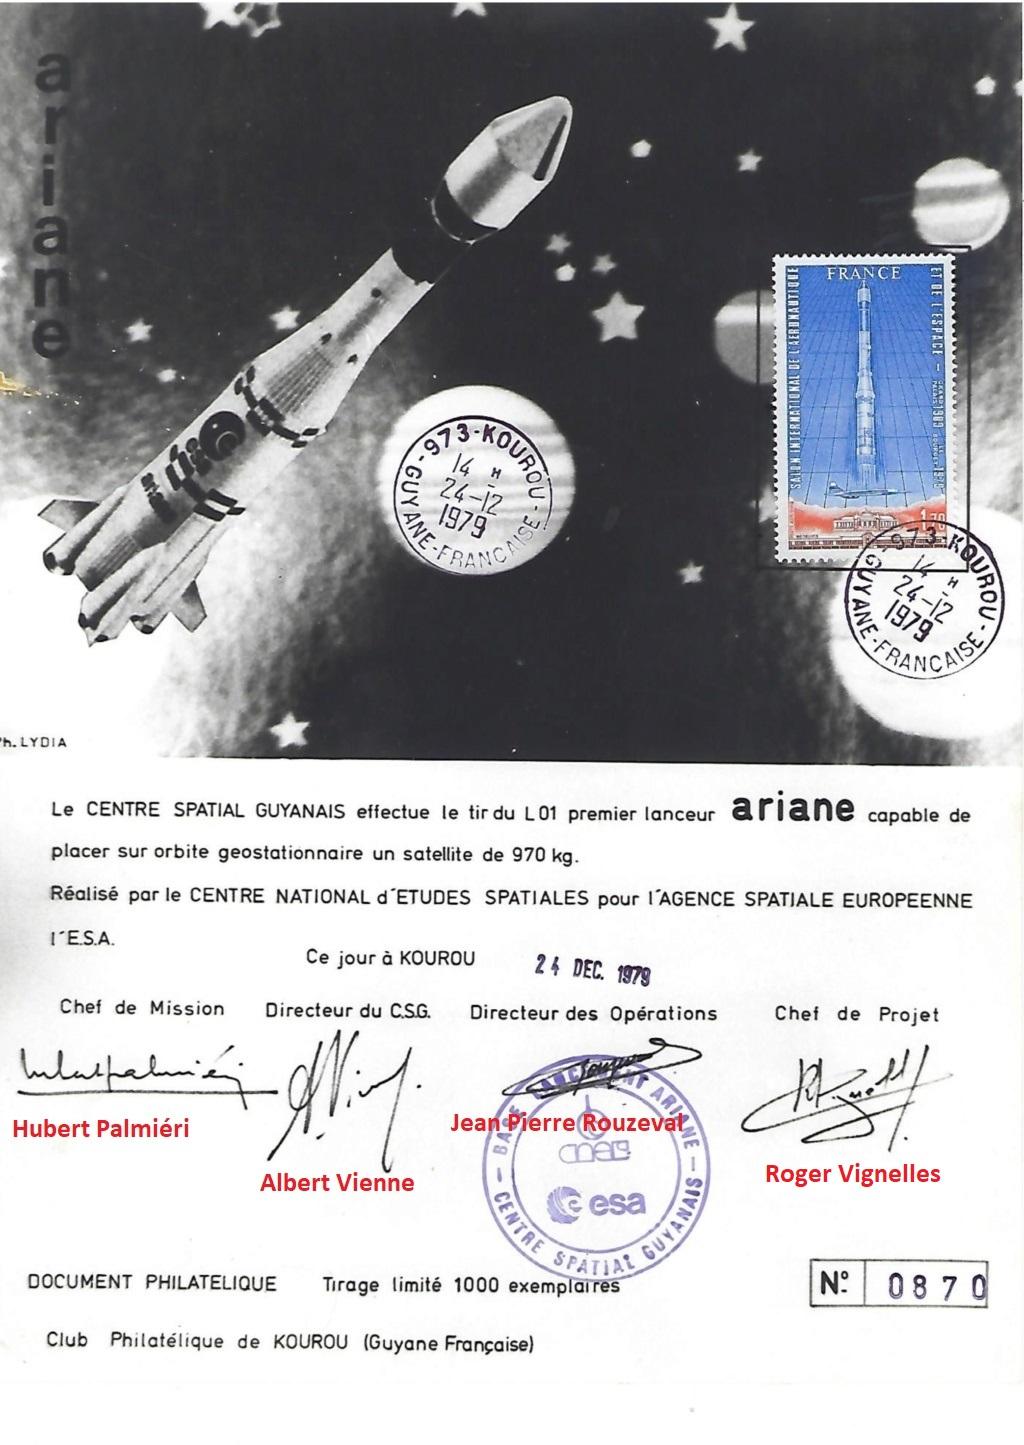 Ariane L01 - 24.12.1979 1402